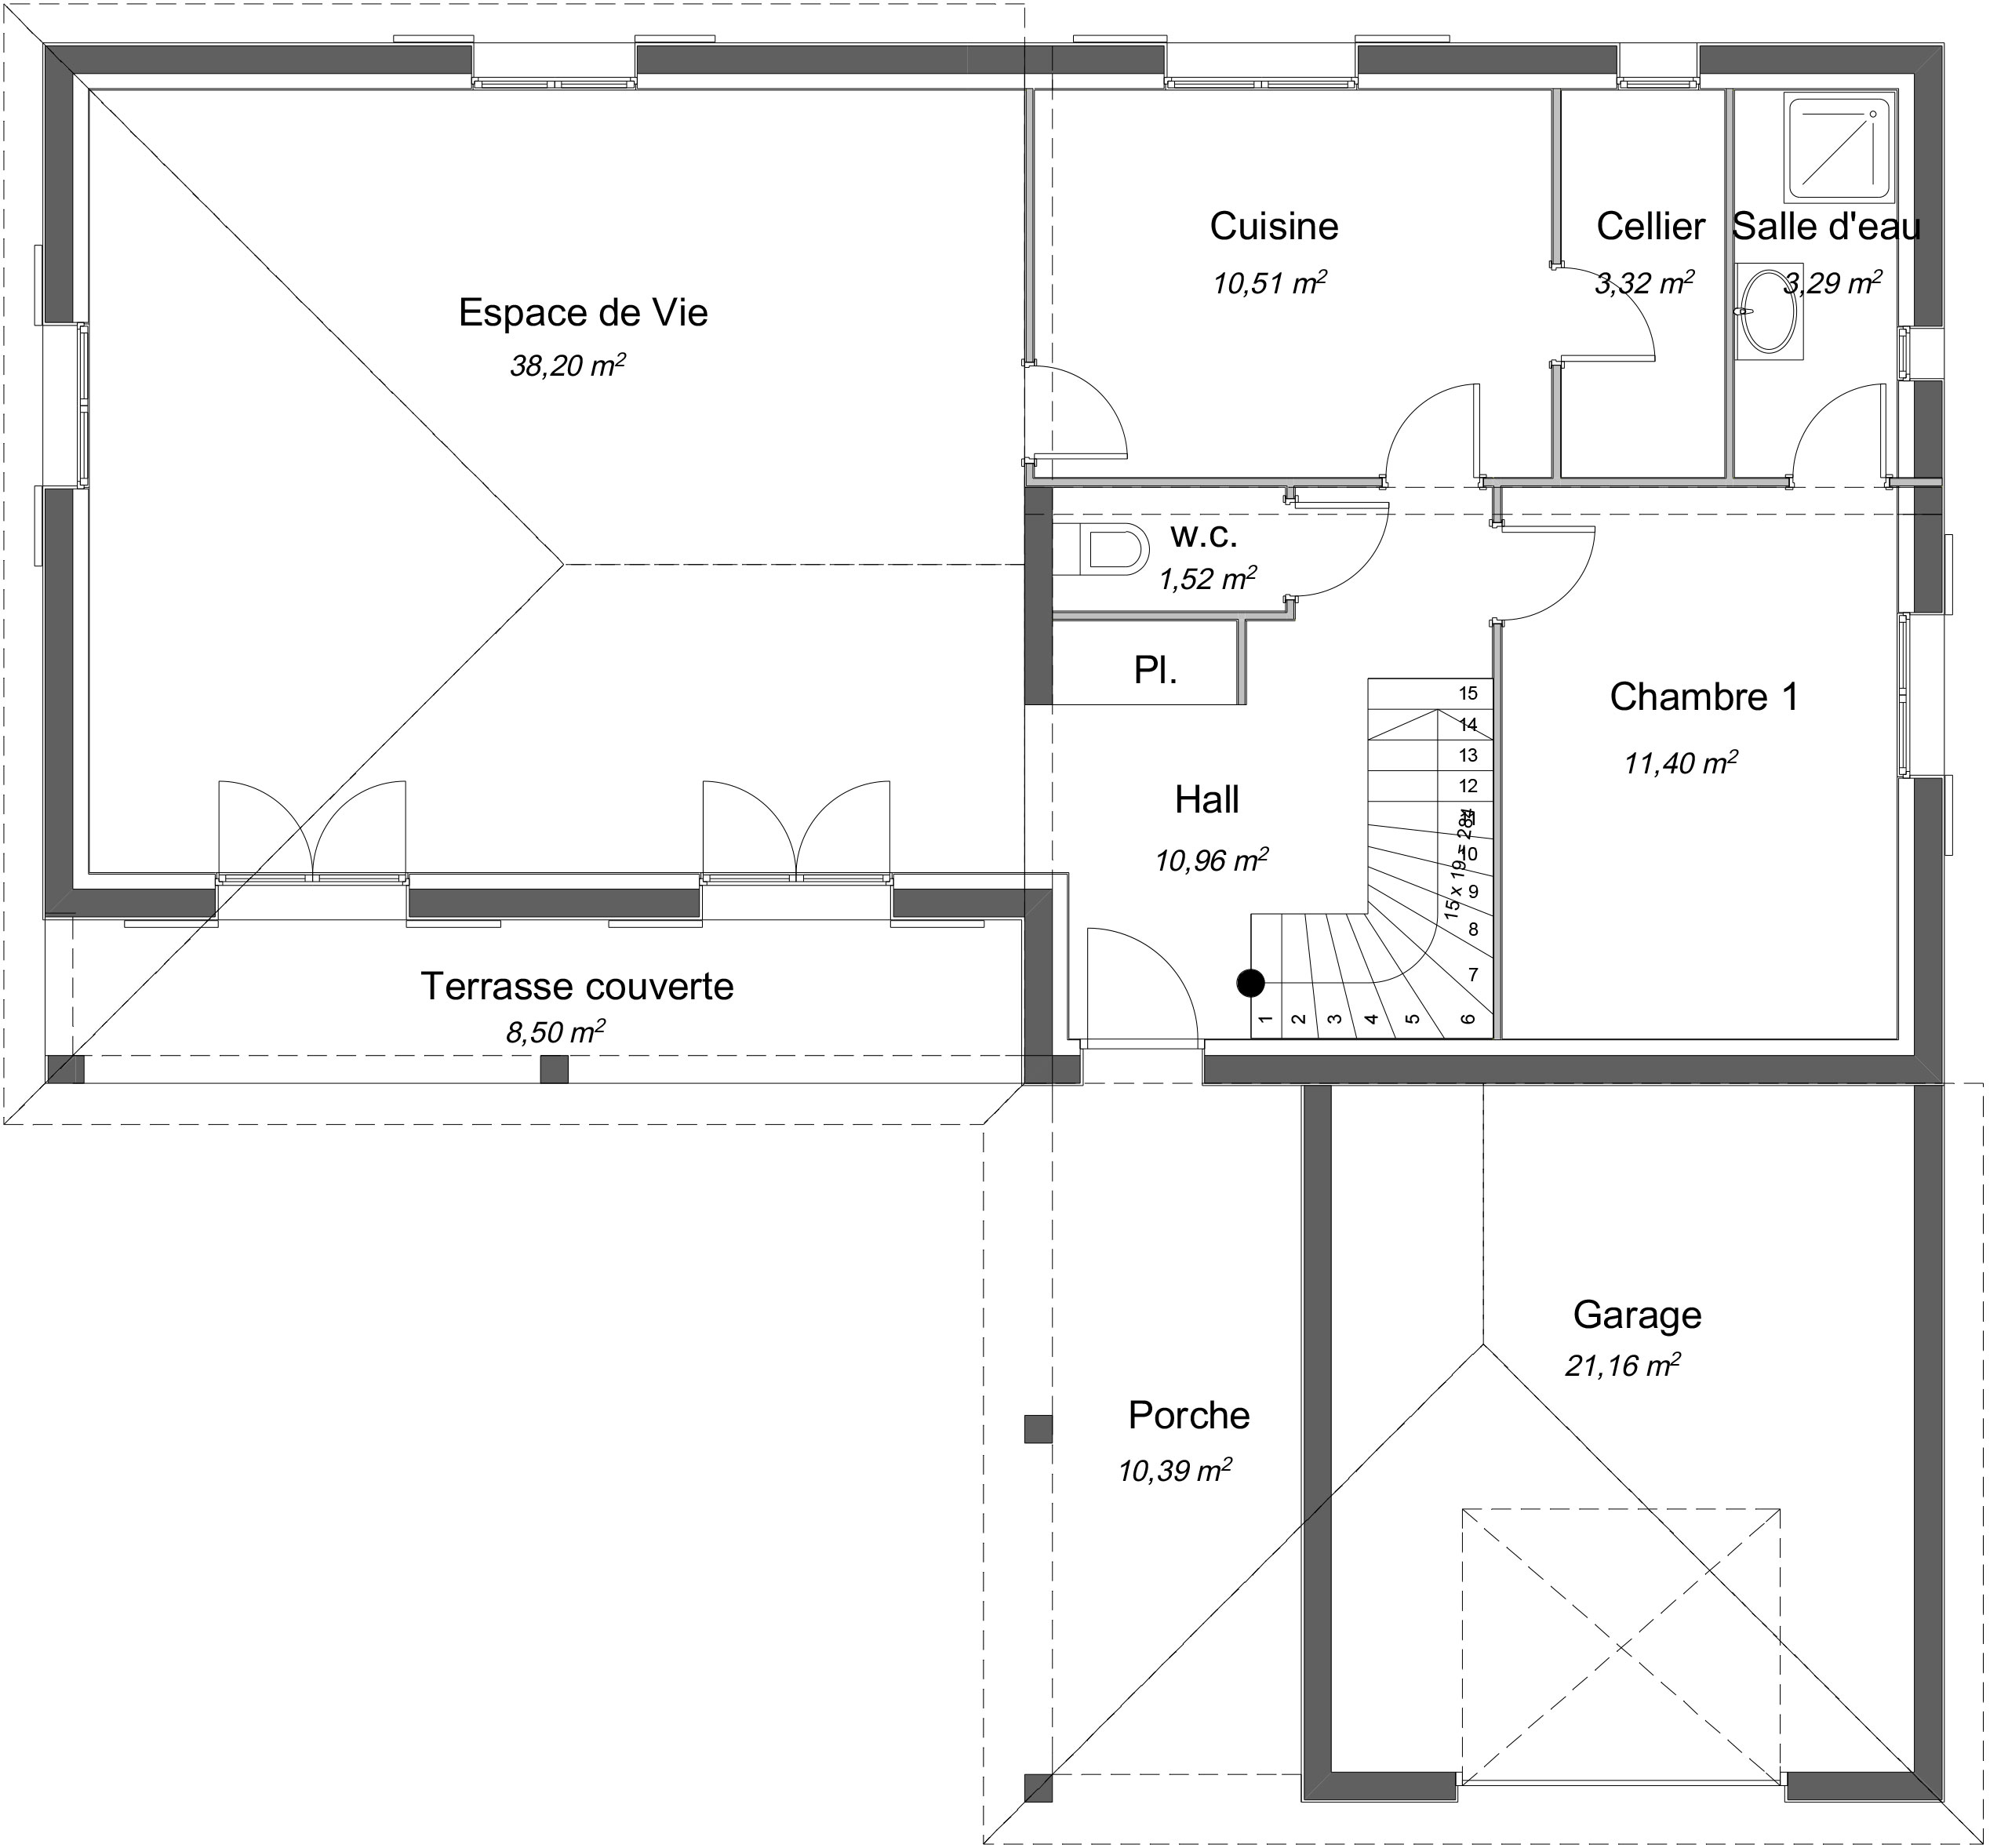 Maison traditionnelle Étage Charme avec plans - Demeures d'Occitanie Constructeur maison ...